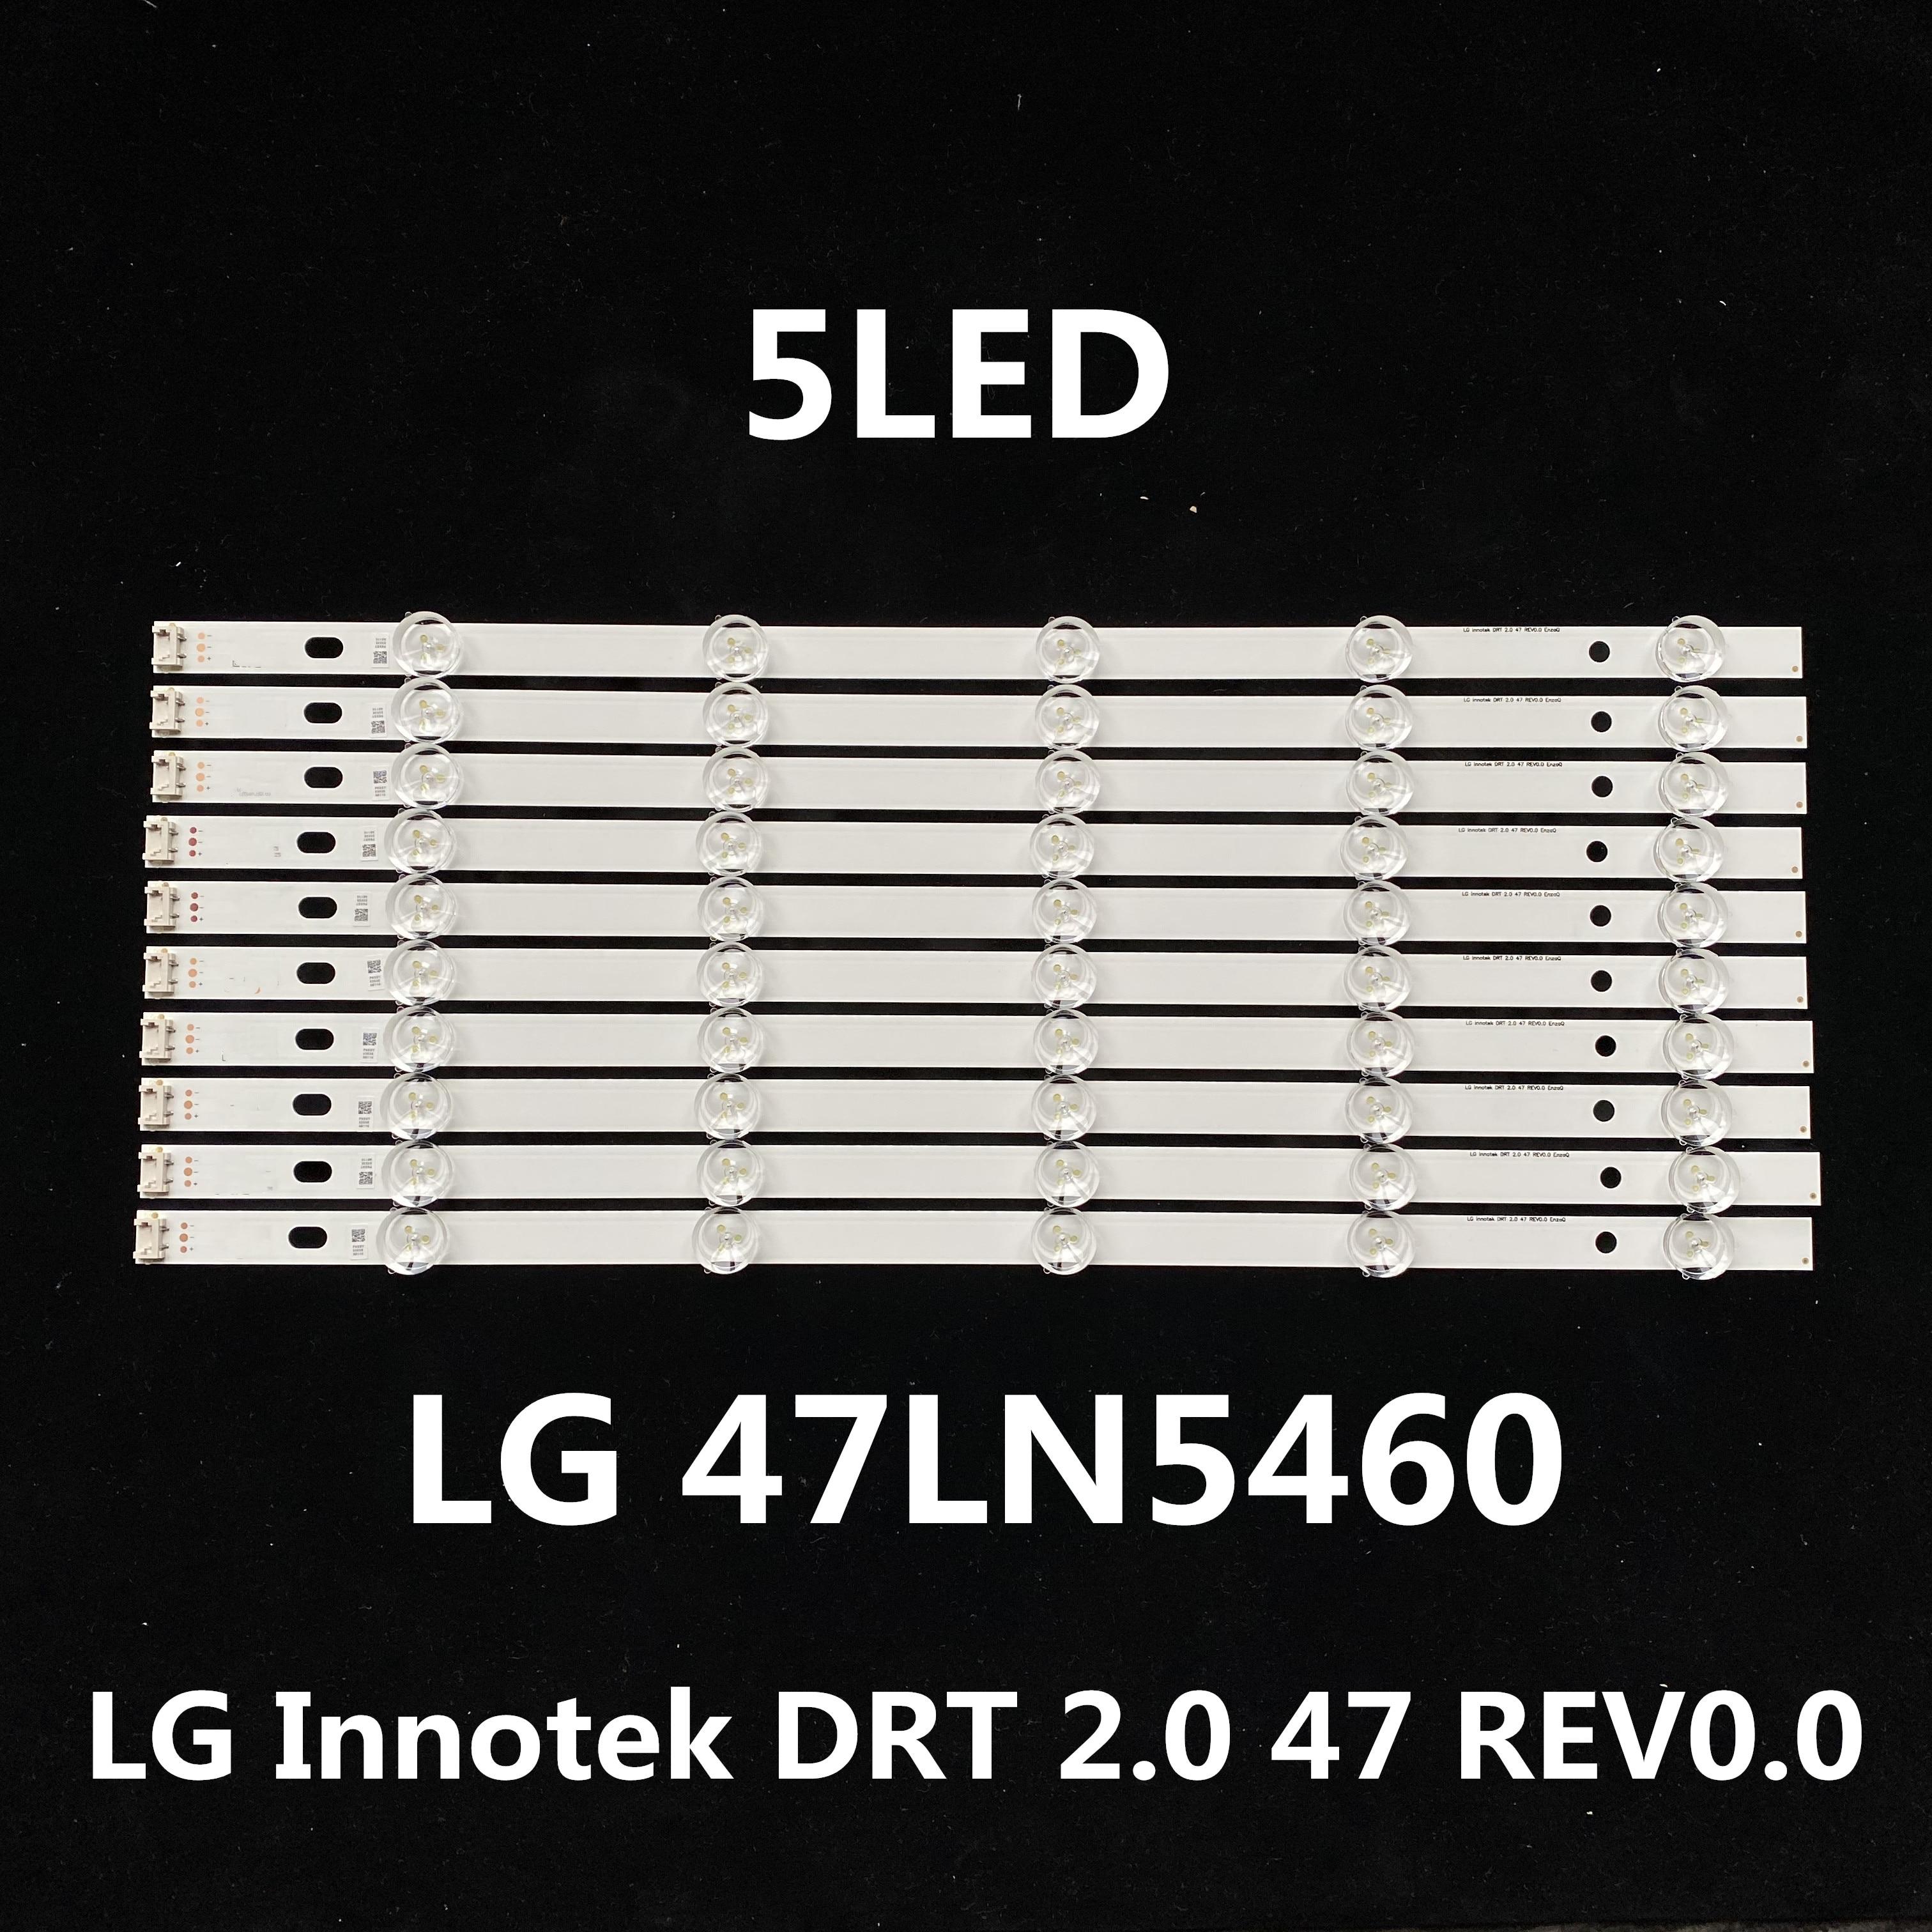 Tira de led para iluminación trasera reemplazo para LG 47LN5460 Innotek PLA2.0 47 pulgadas 1led = 3v DRT 2,0 47